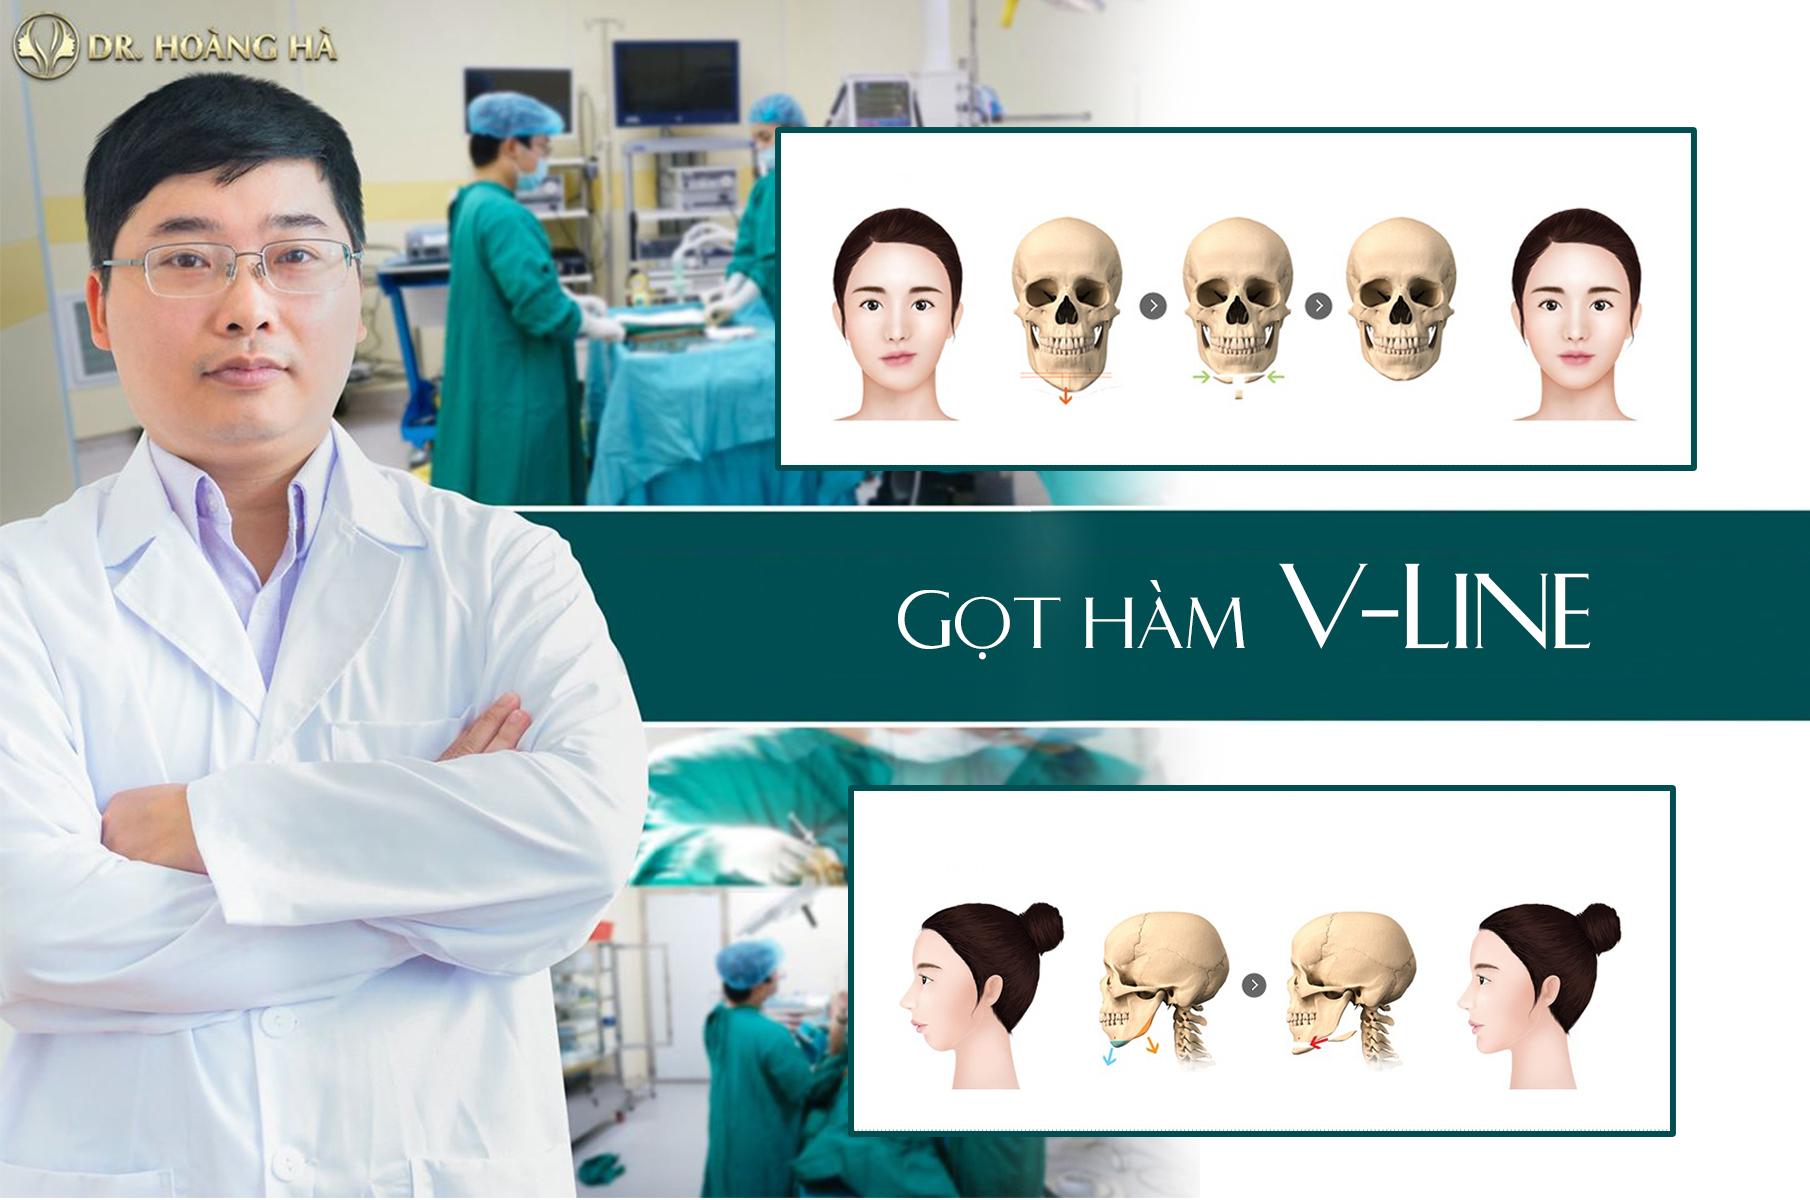 Got-ham-vline